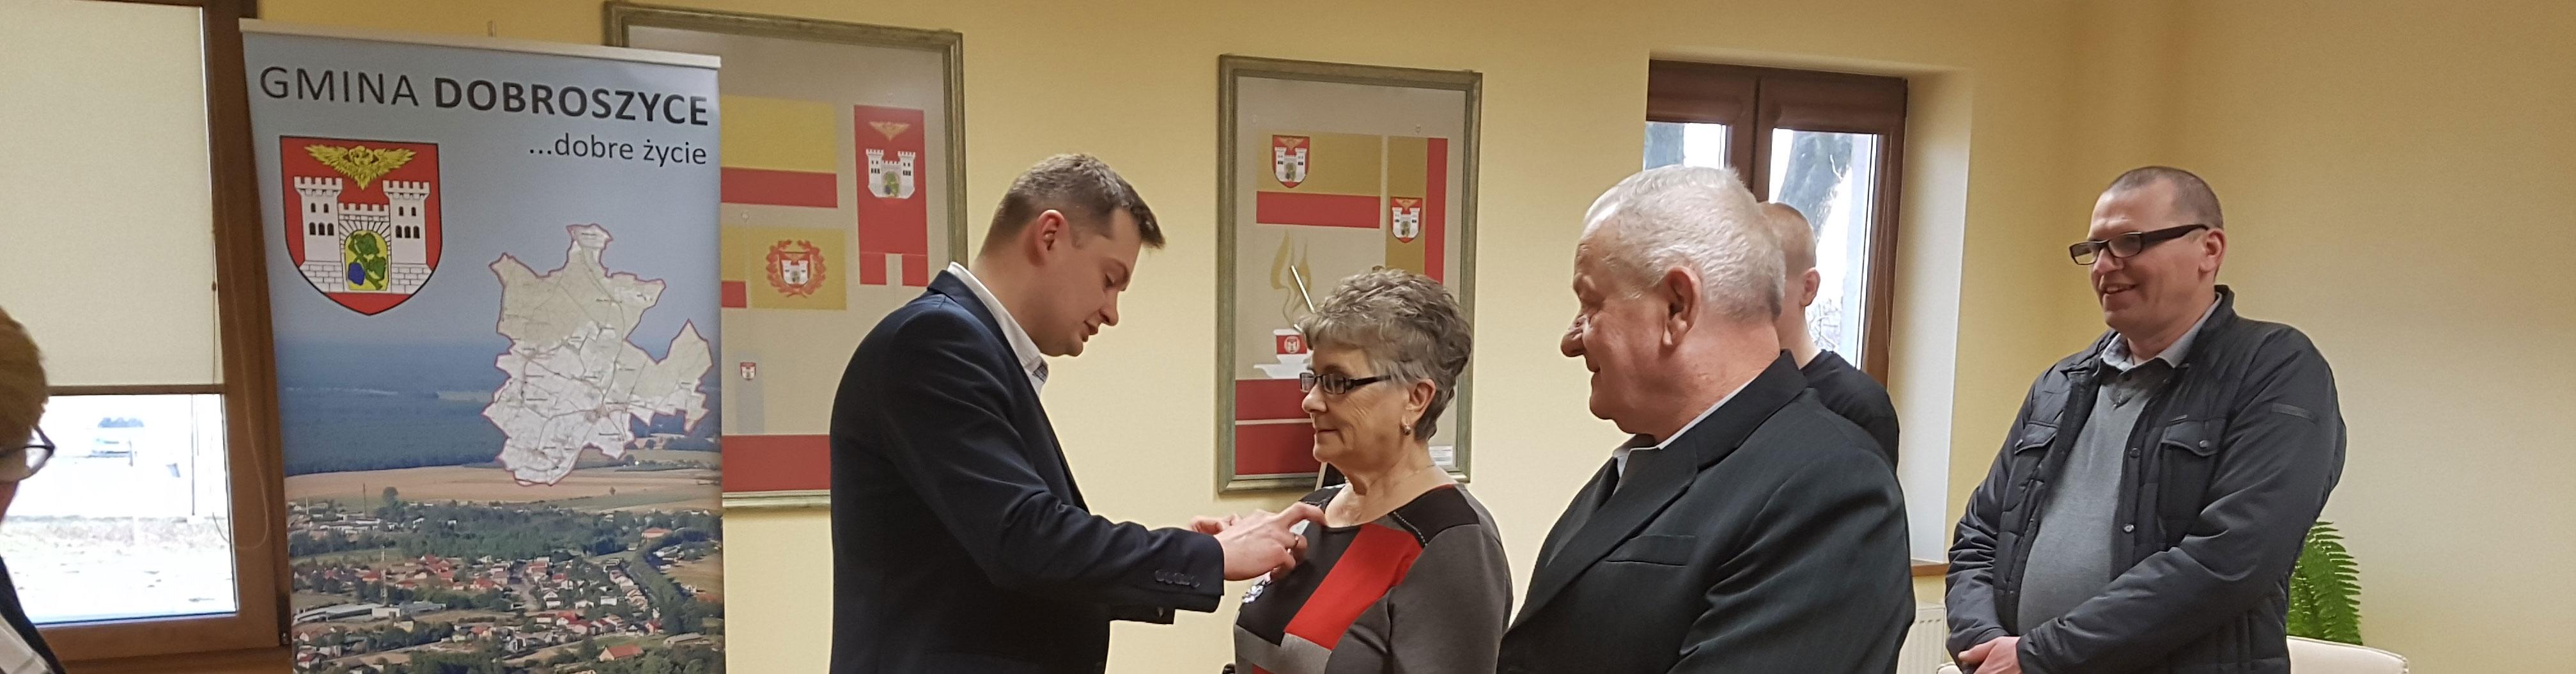 Medale za długoletnie pożycie małżeńskie Państwa Teresy i Ryszarda Paciorek